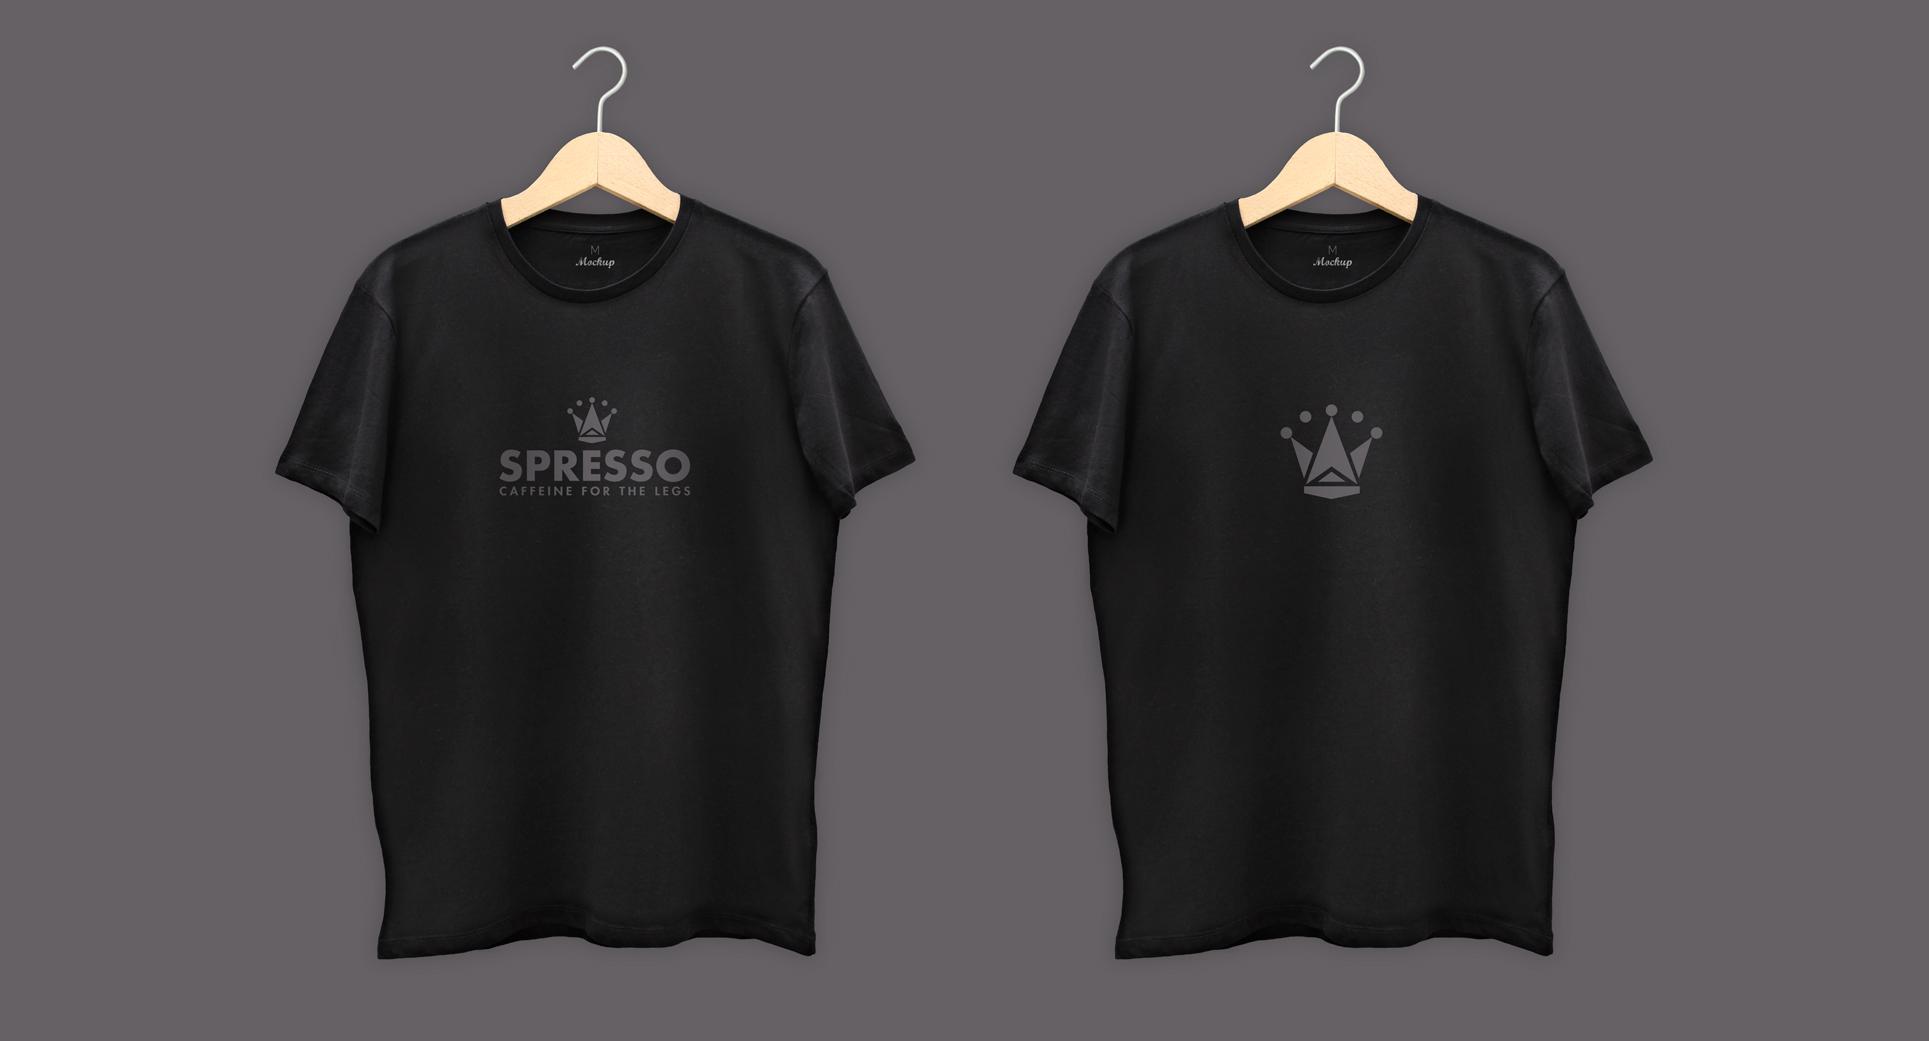 Spresso t shirt design